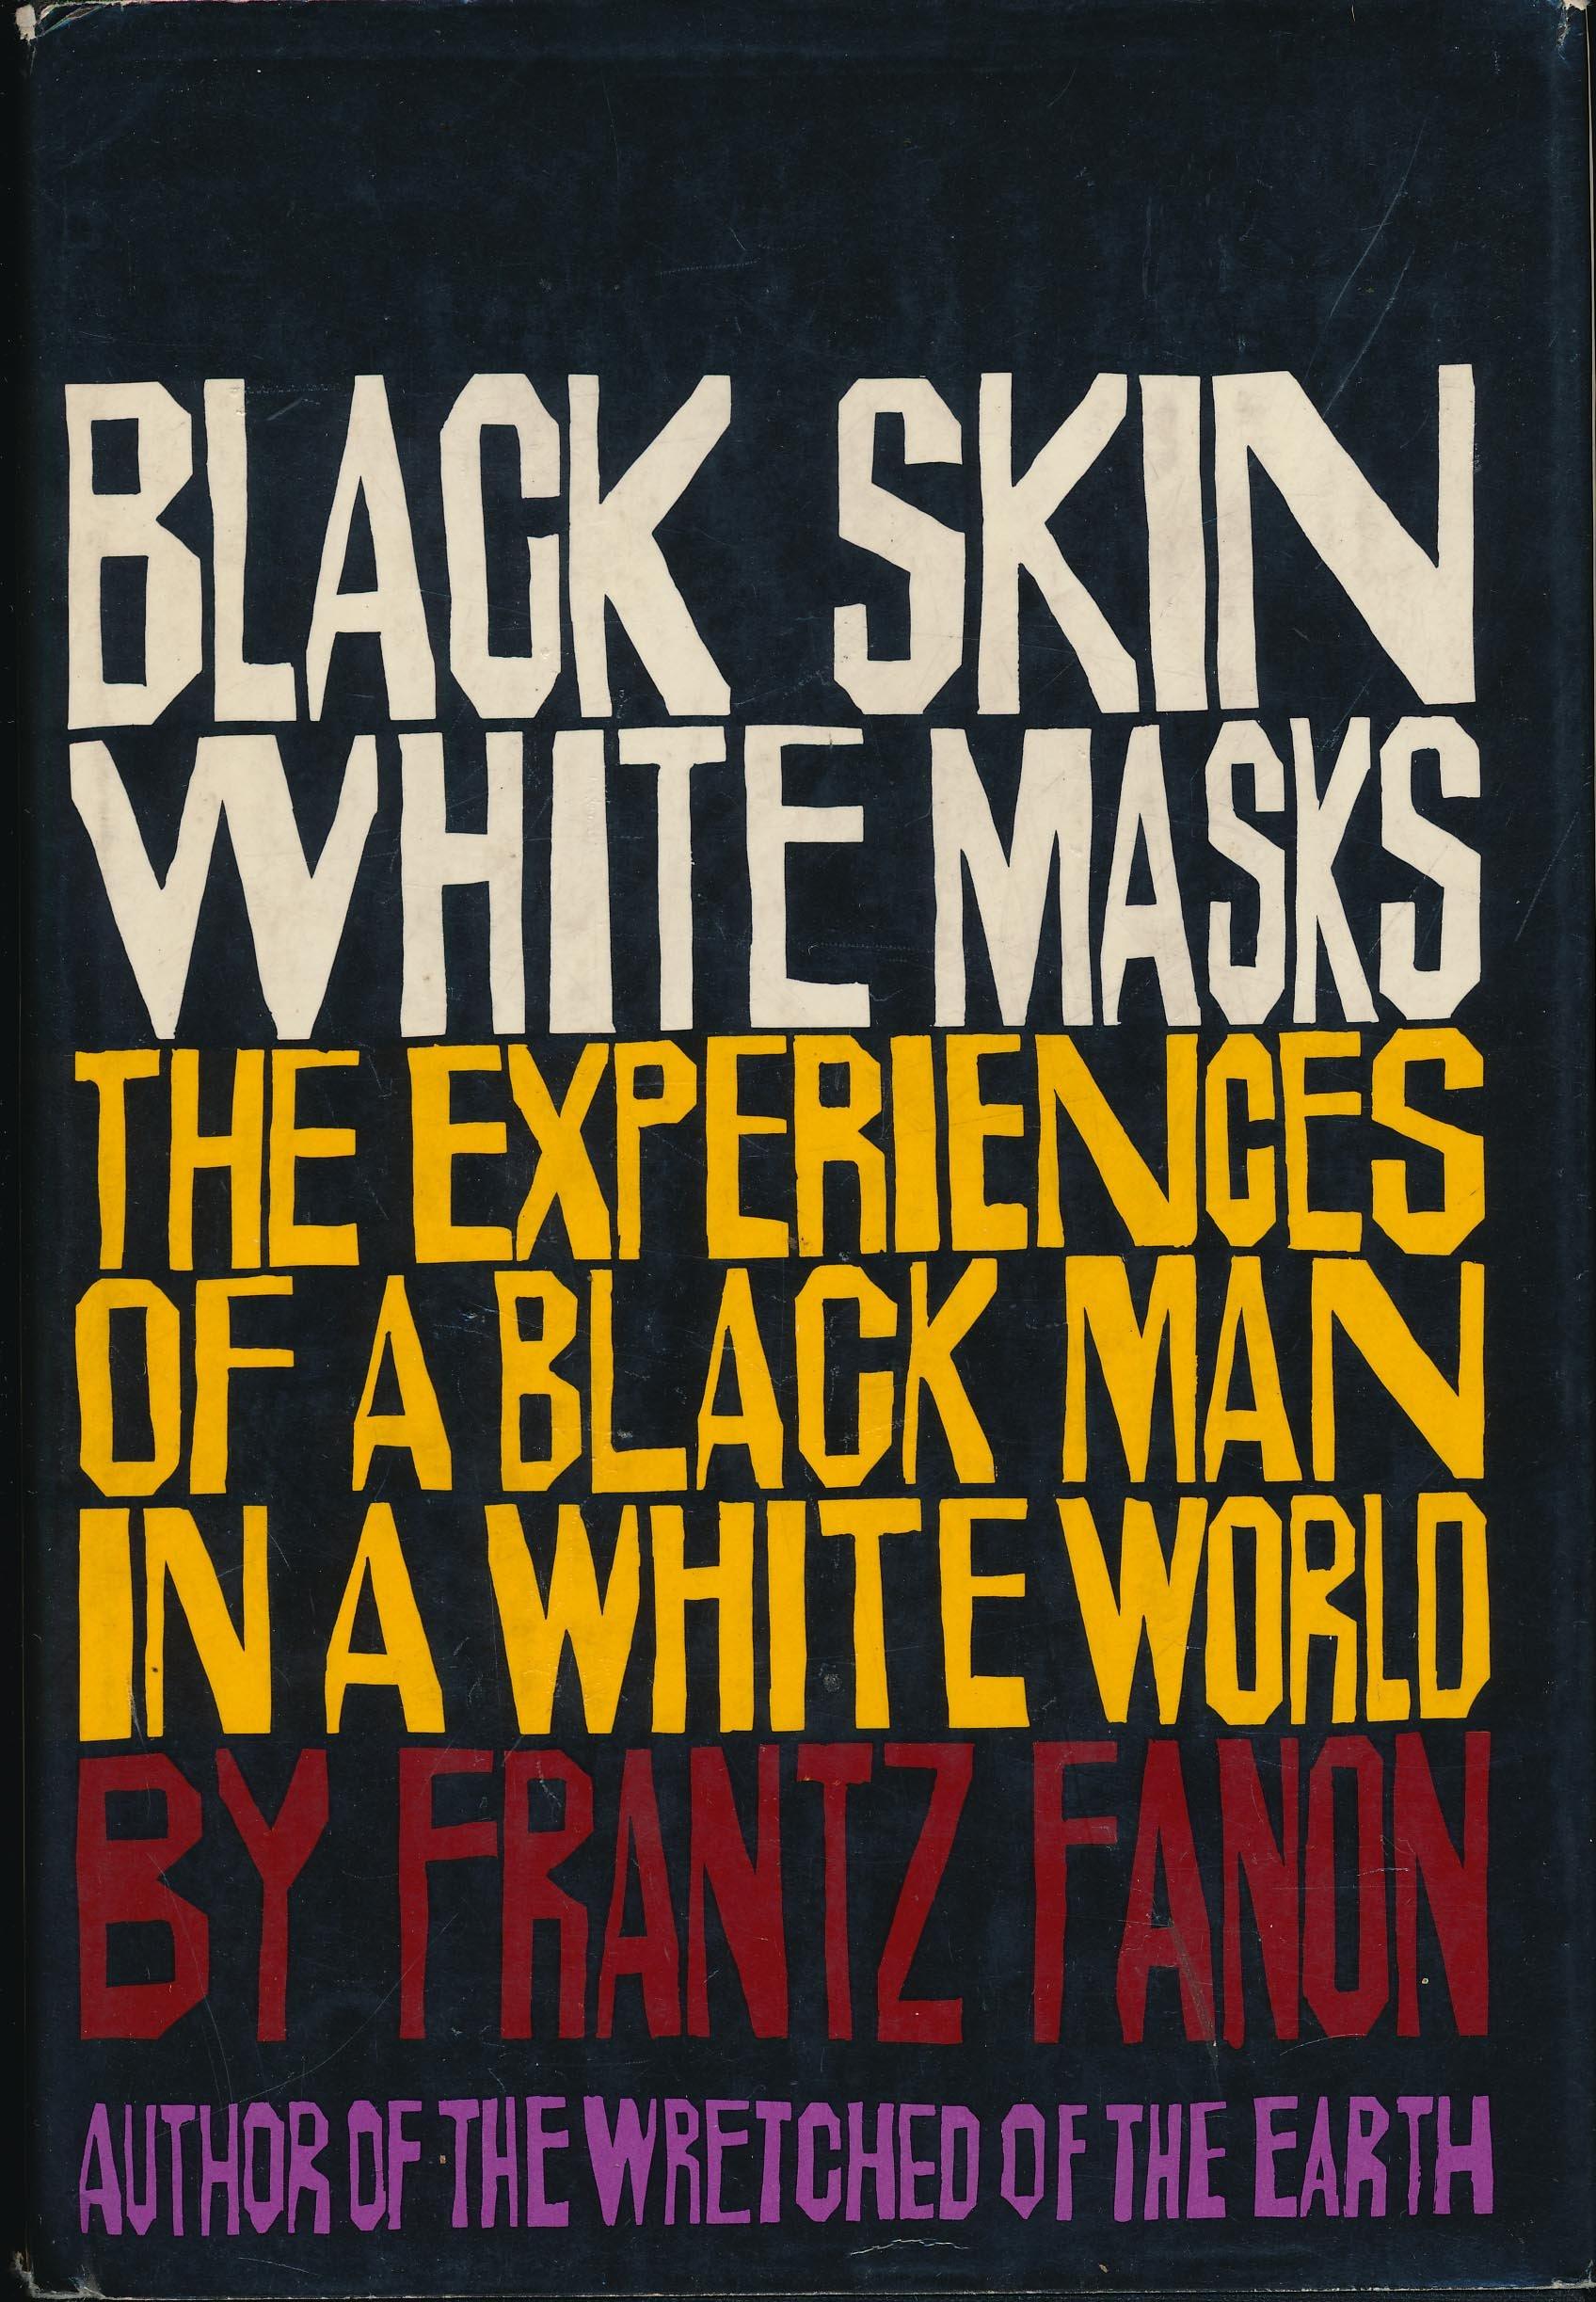 Black Skin White Masks Experiences product image